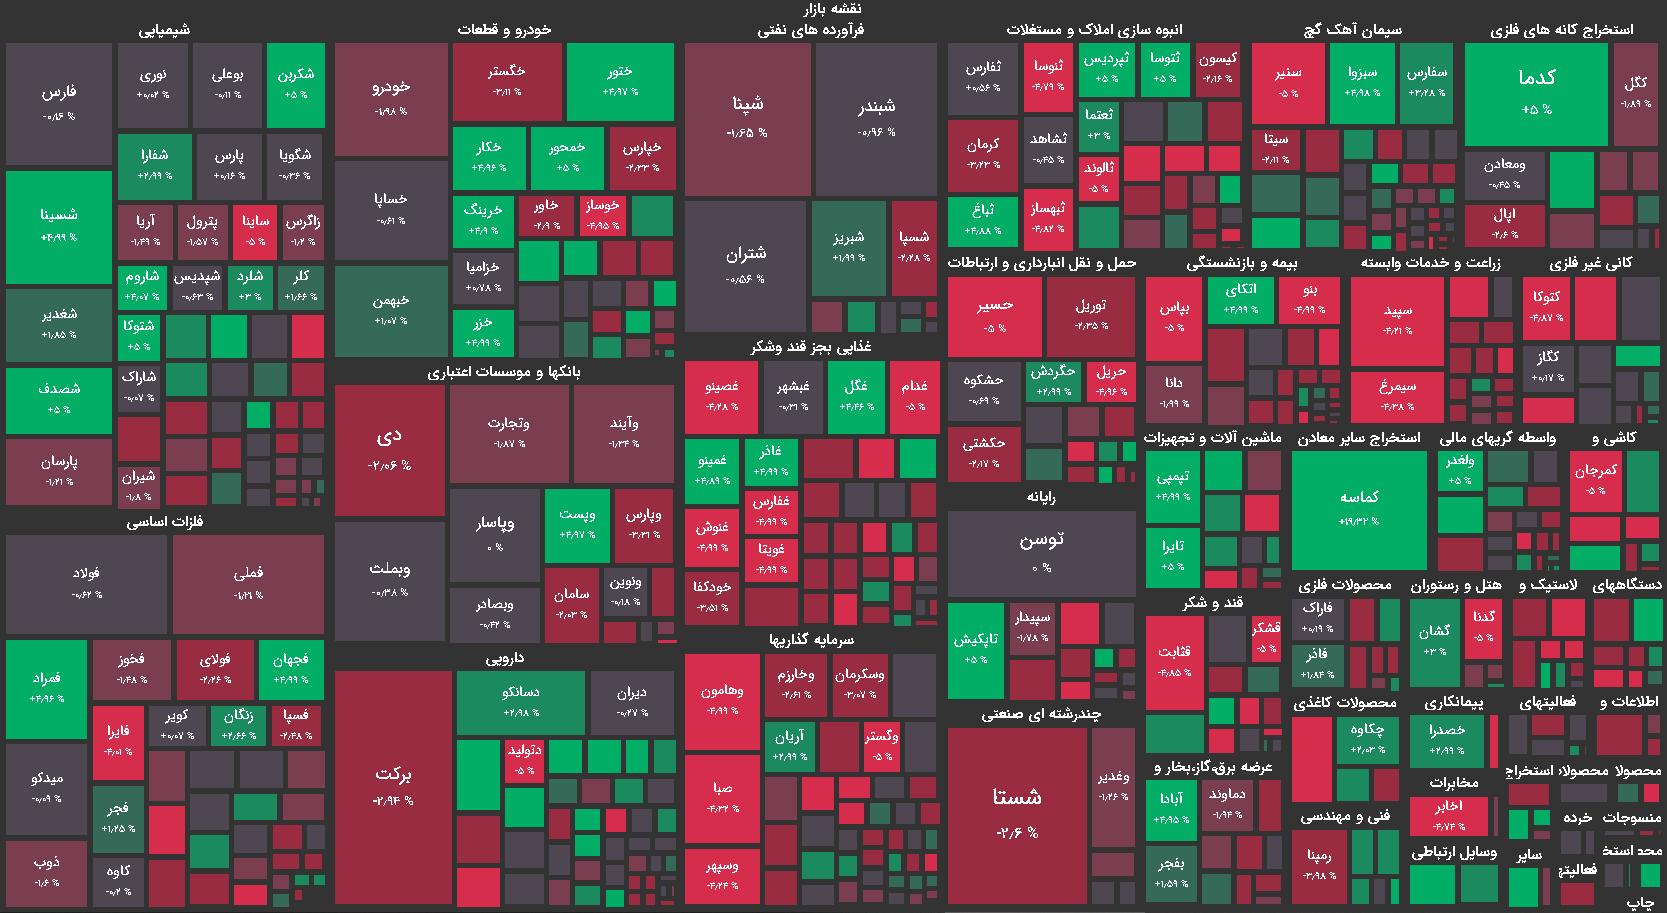 نقشه بازار بورس امروز چهارشنبه 24 شهریور